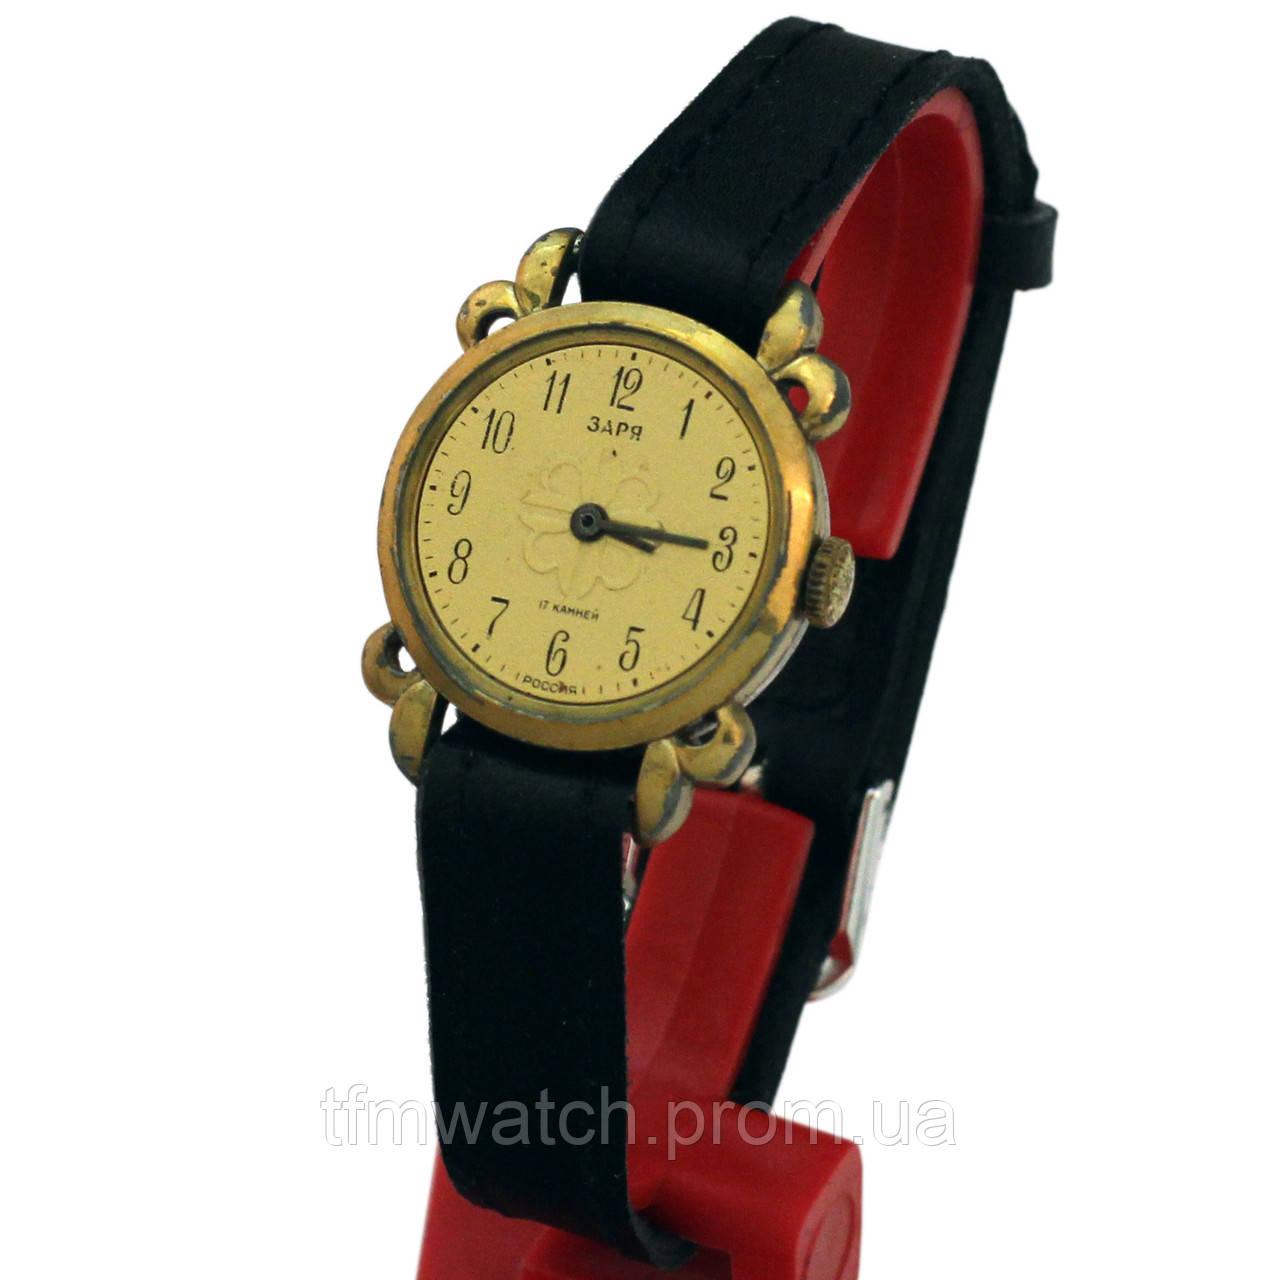 Российкие женские часы Заря 17 камней